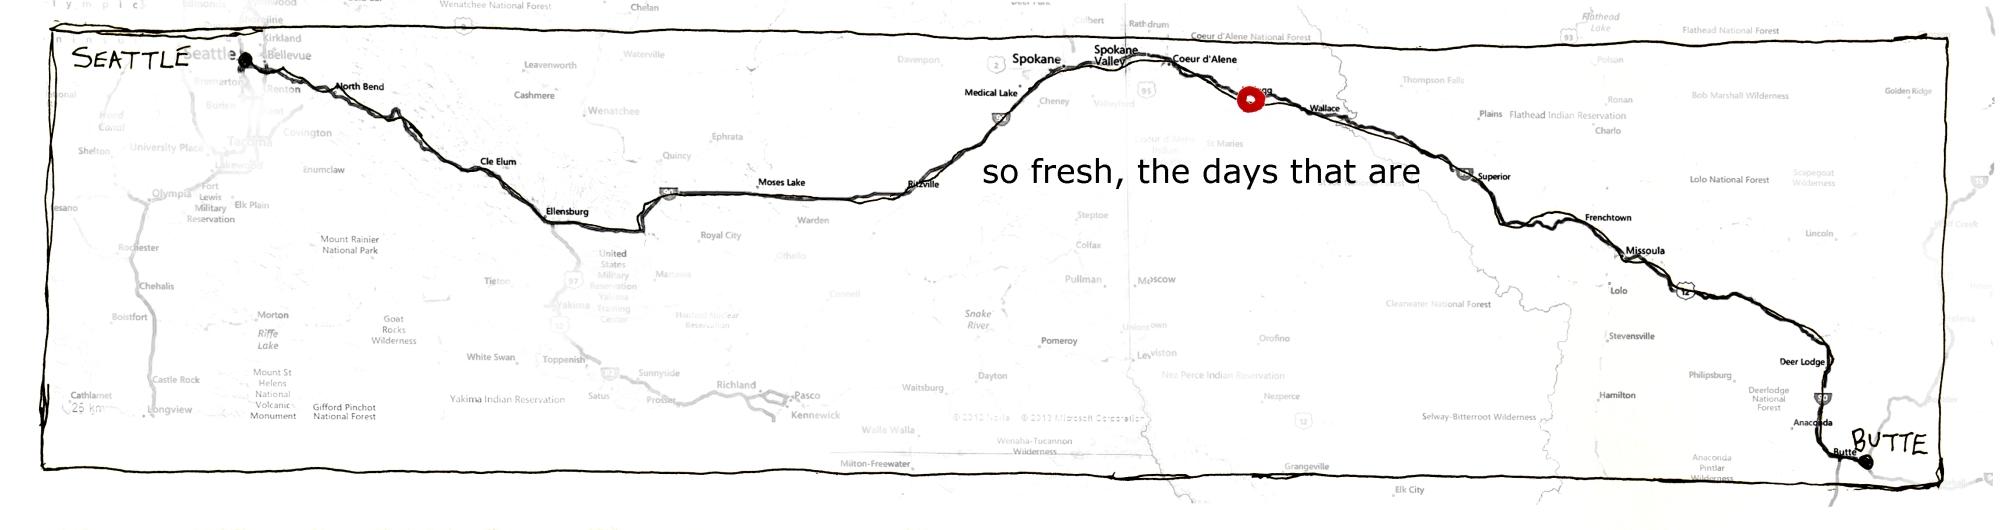 334 map